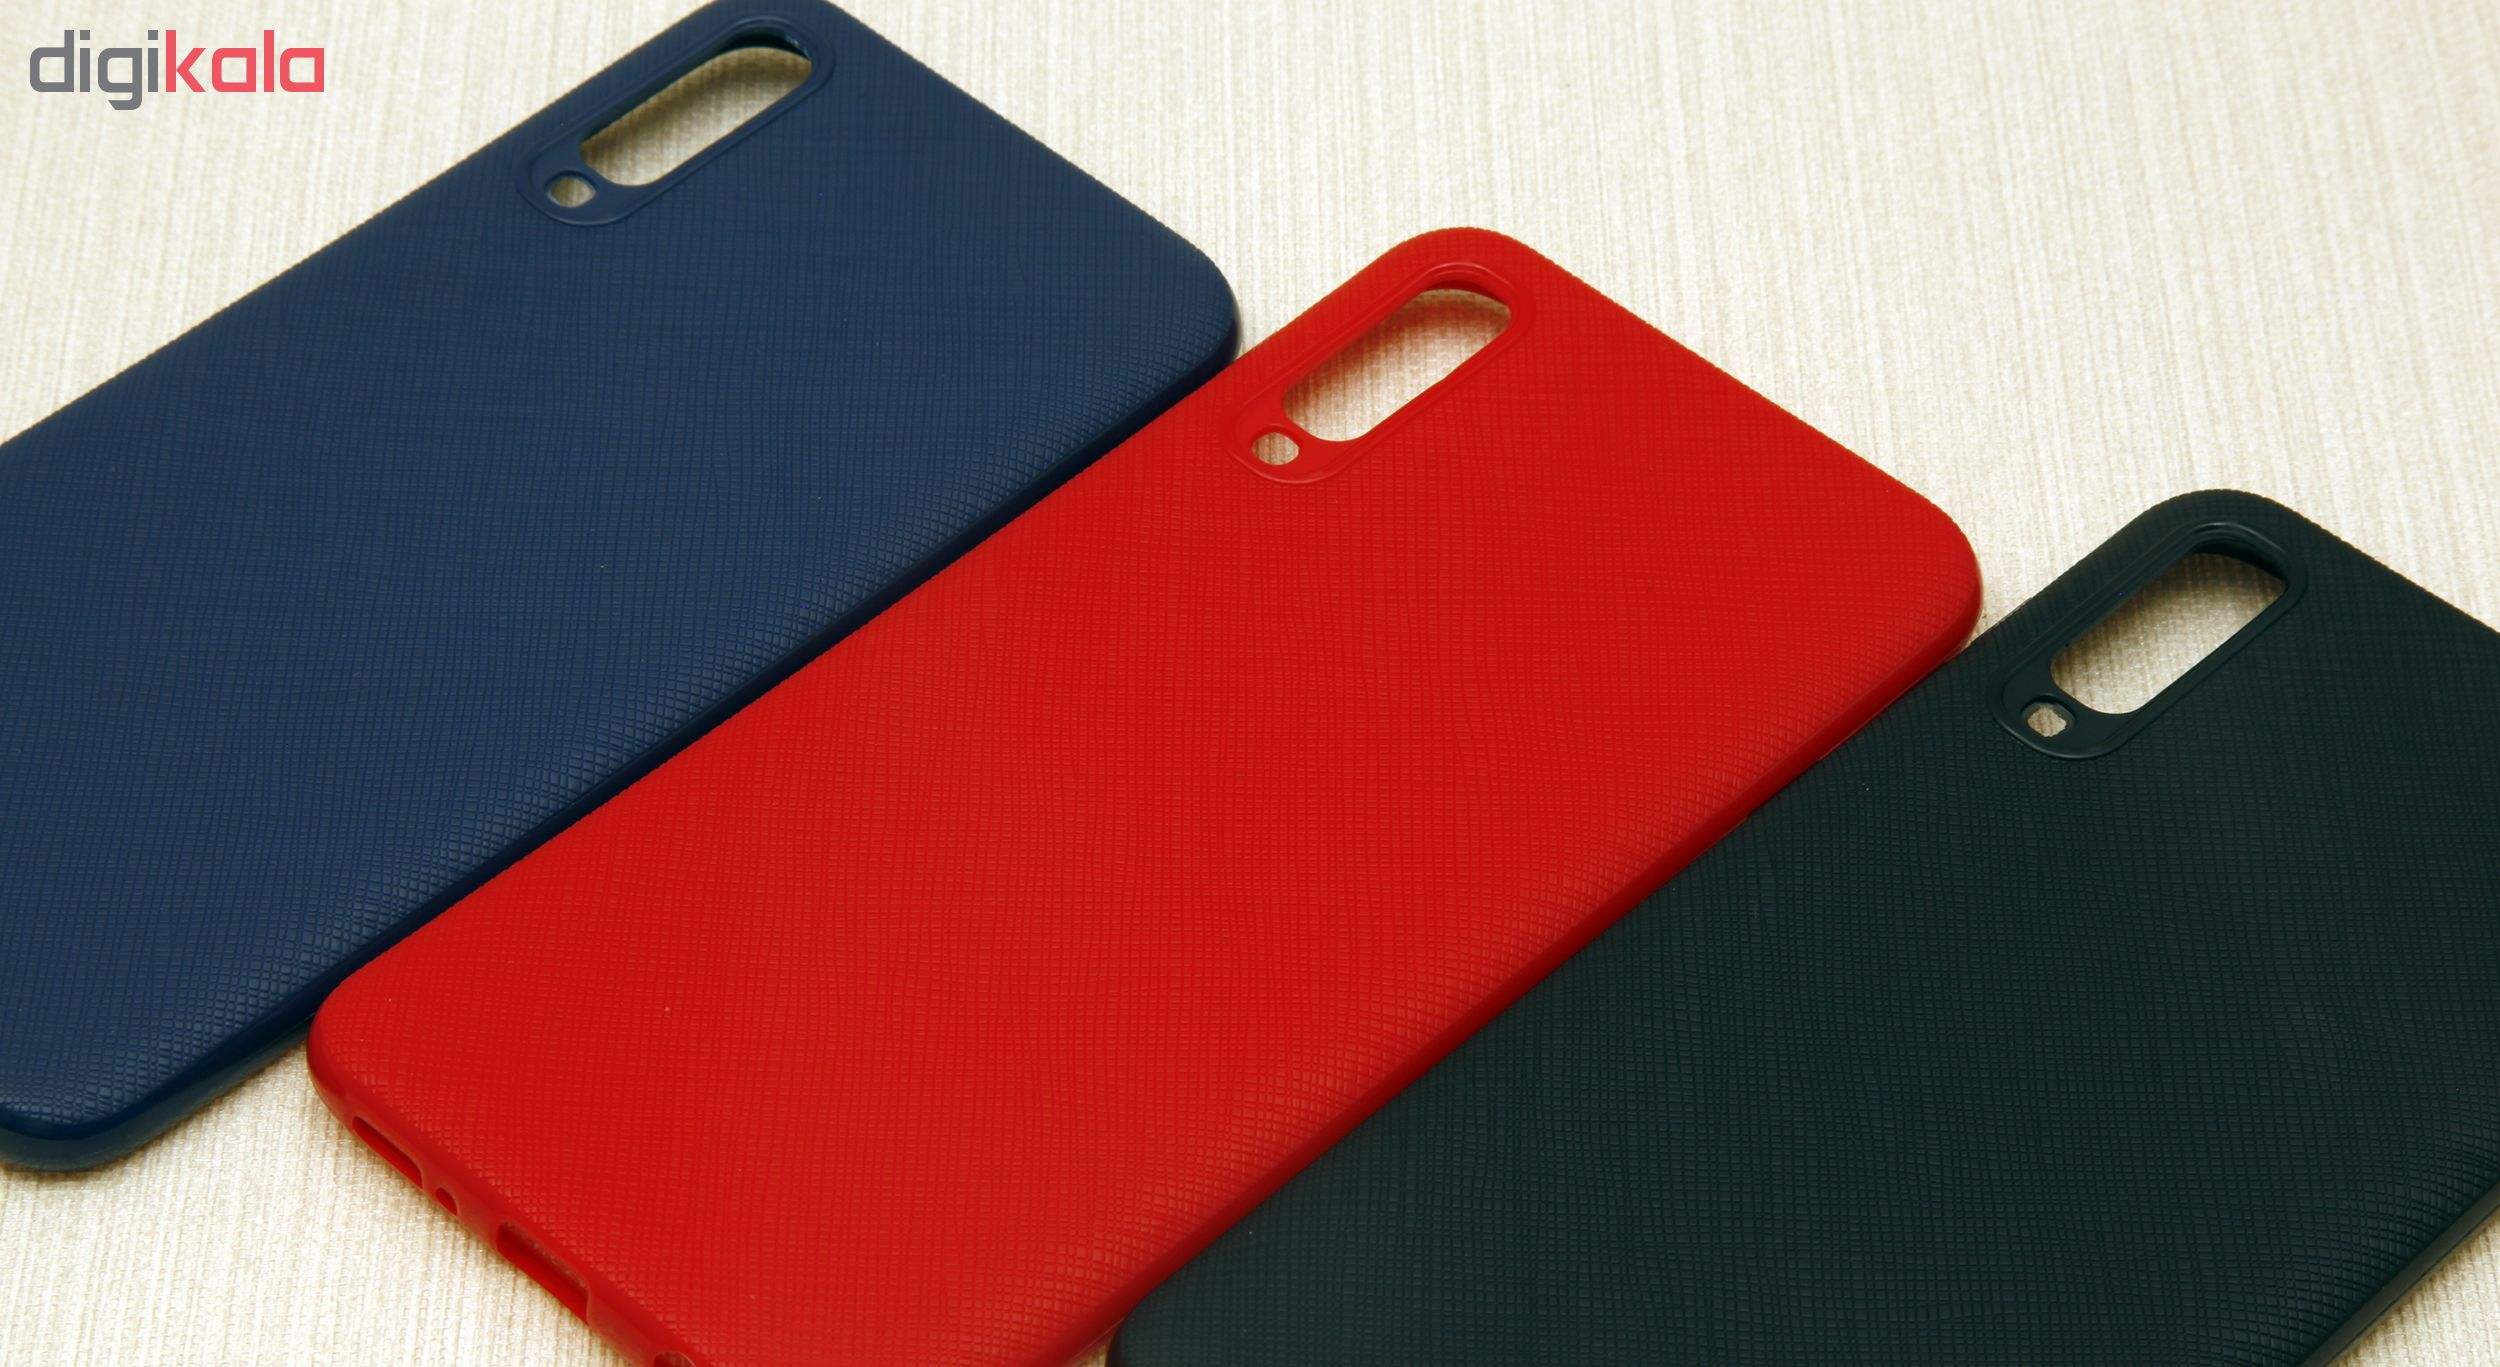 کاور سومگ مدل SC-i001 مناسب برای گوشی موبایل سامسونگ Galaxy A50 main 1 3